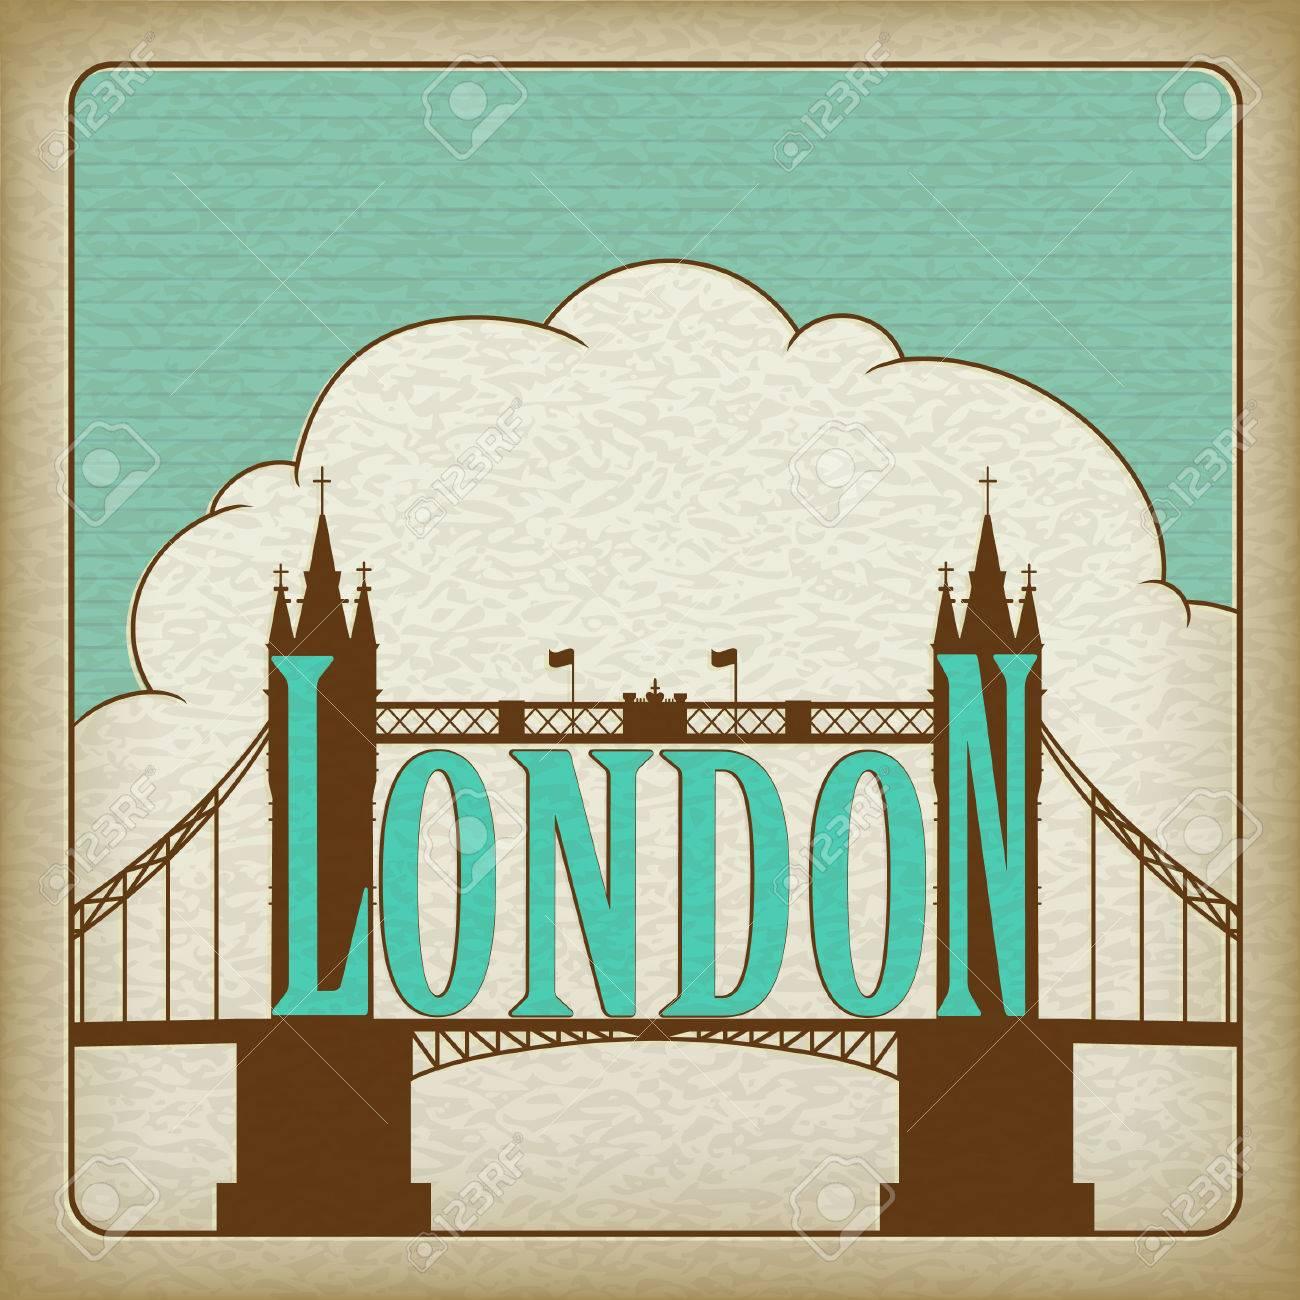 London Landmark, Tower Bridge. Old cardboard. Stock Vector - 8681324